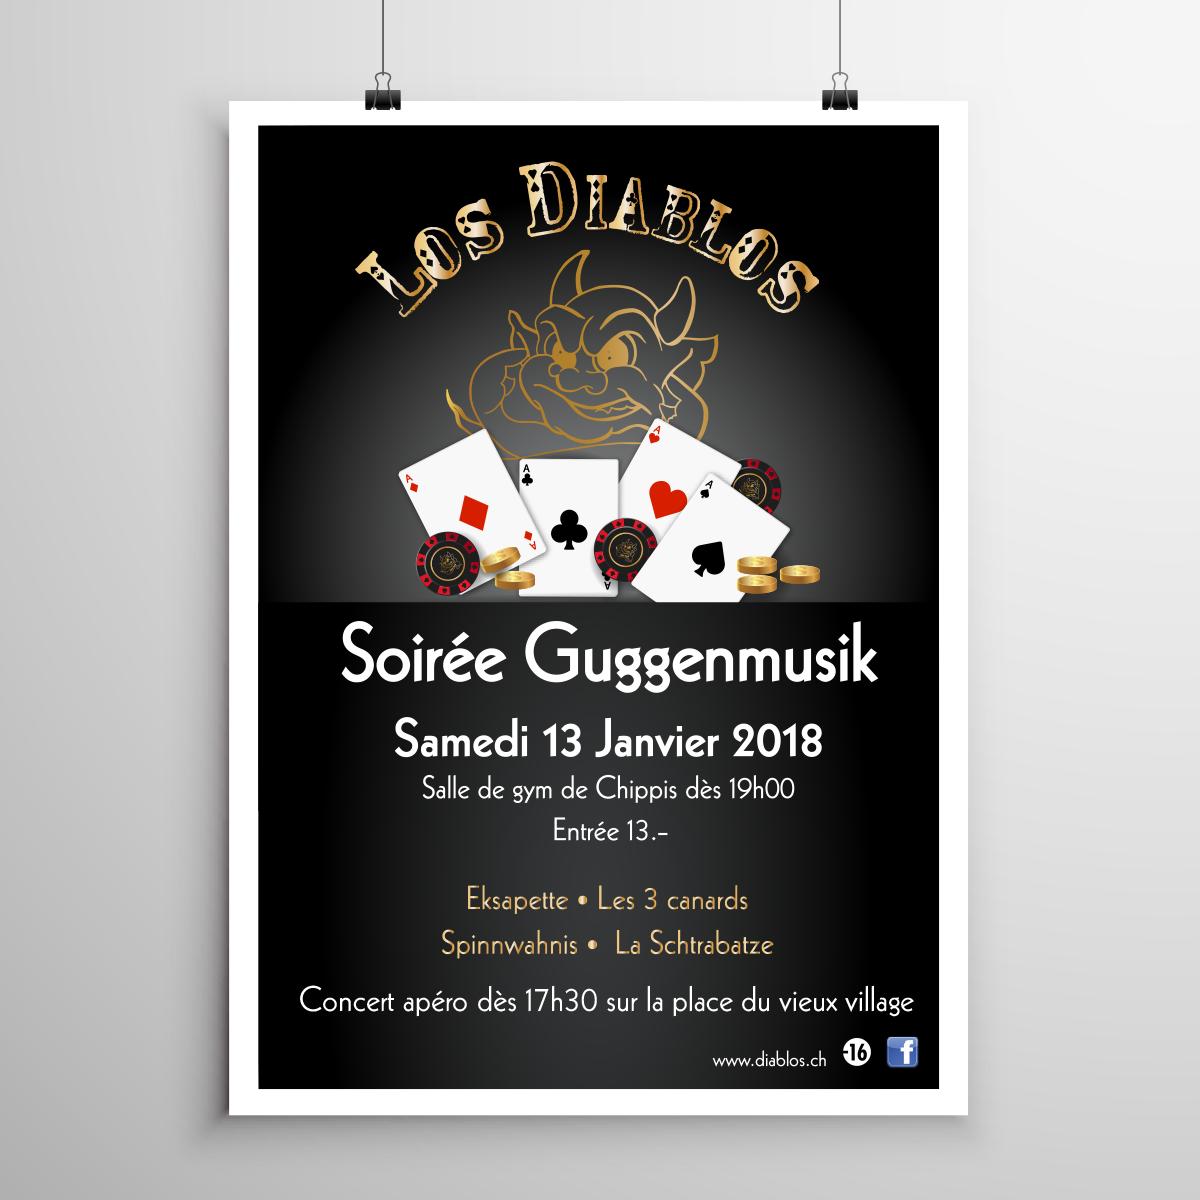 Soirée Guggenmusik